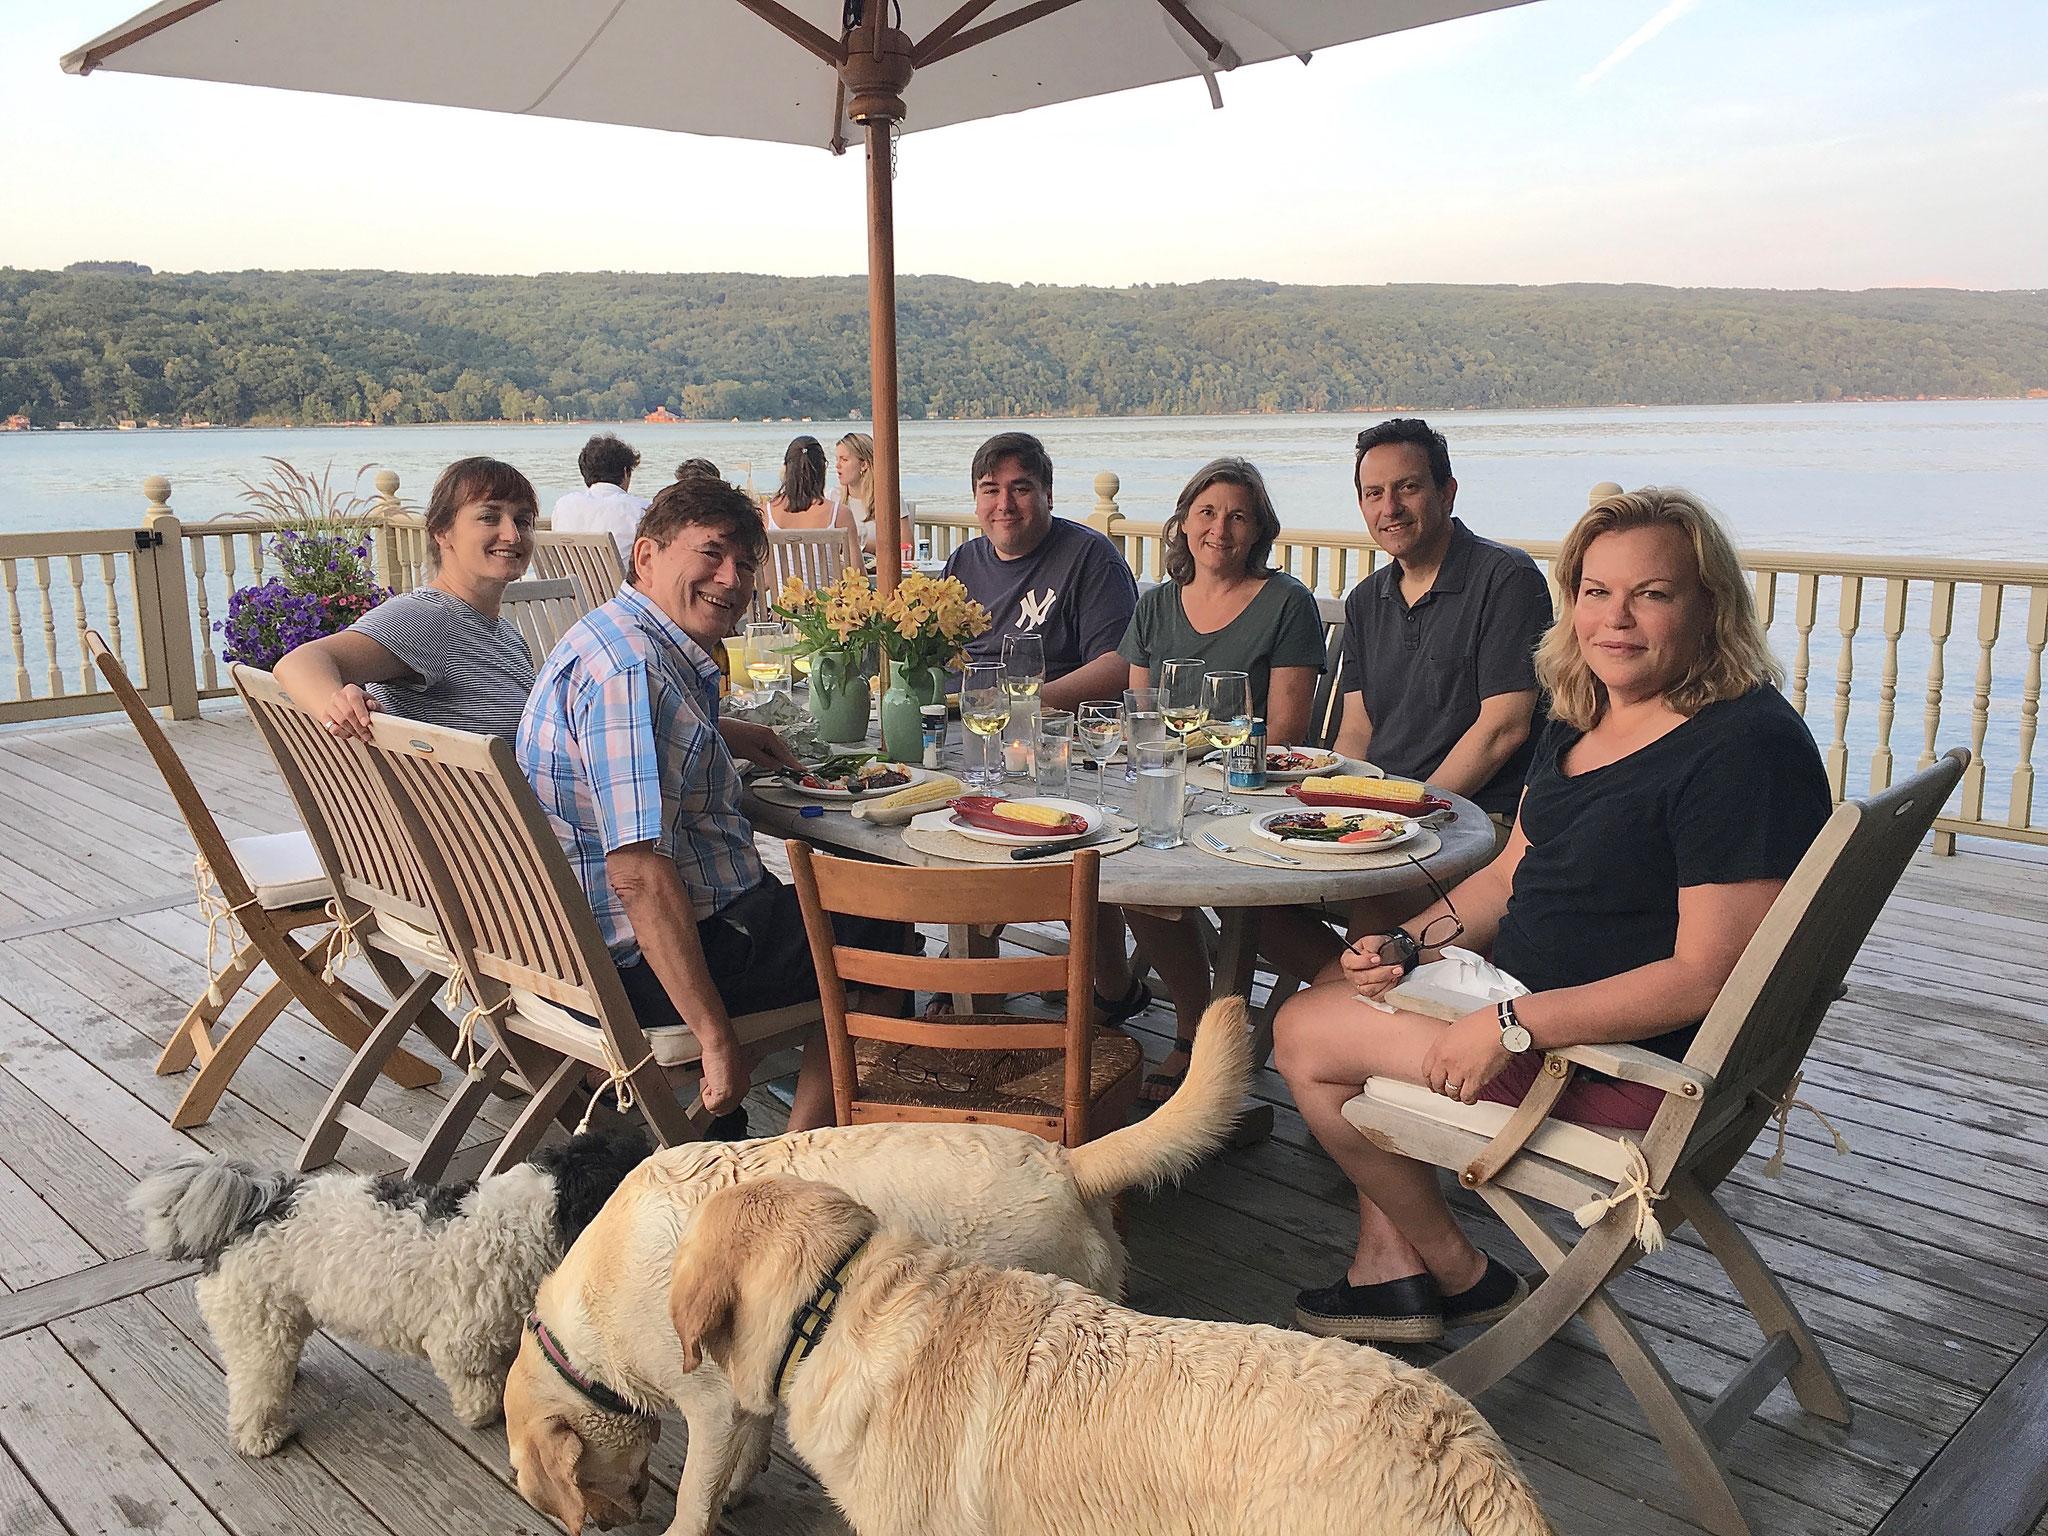 Skaneateles Lake, 2019 Wendy, John, Greg, Cyndi, Nick, Celeste